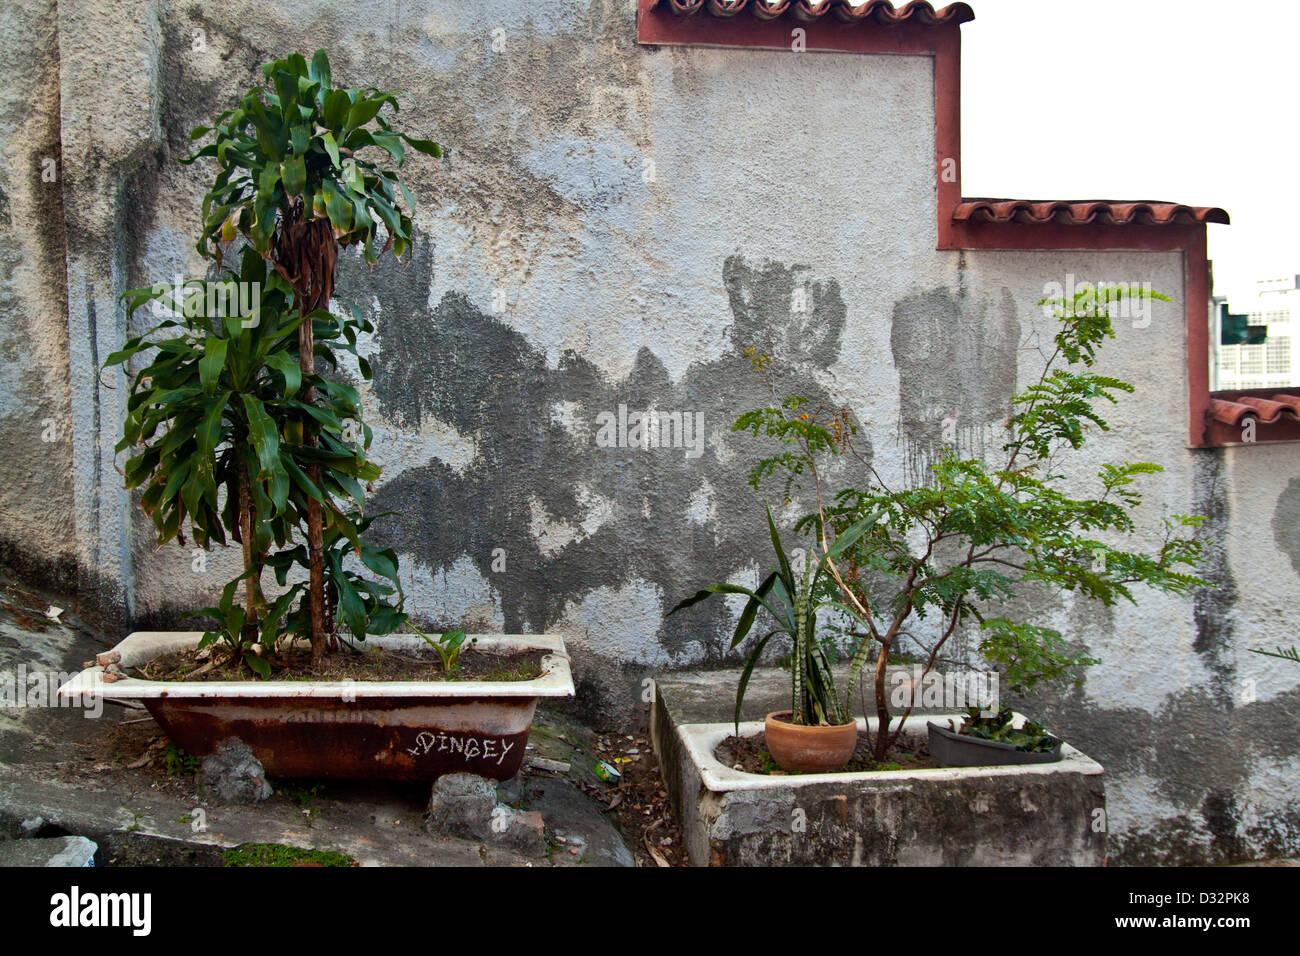 Vasca da bagno piante foto & immagine stock: 53536764 alamy